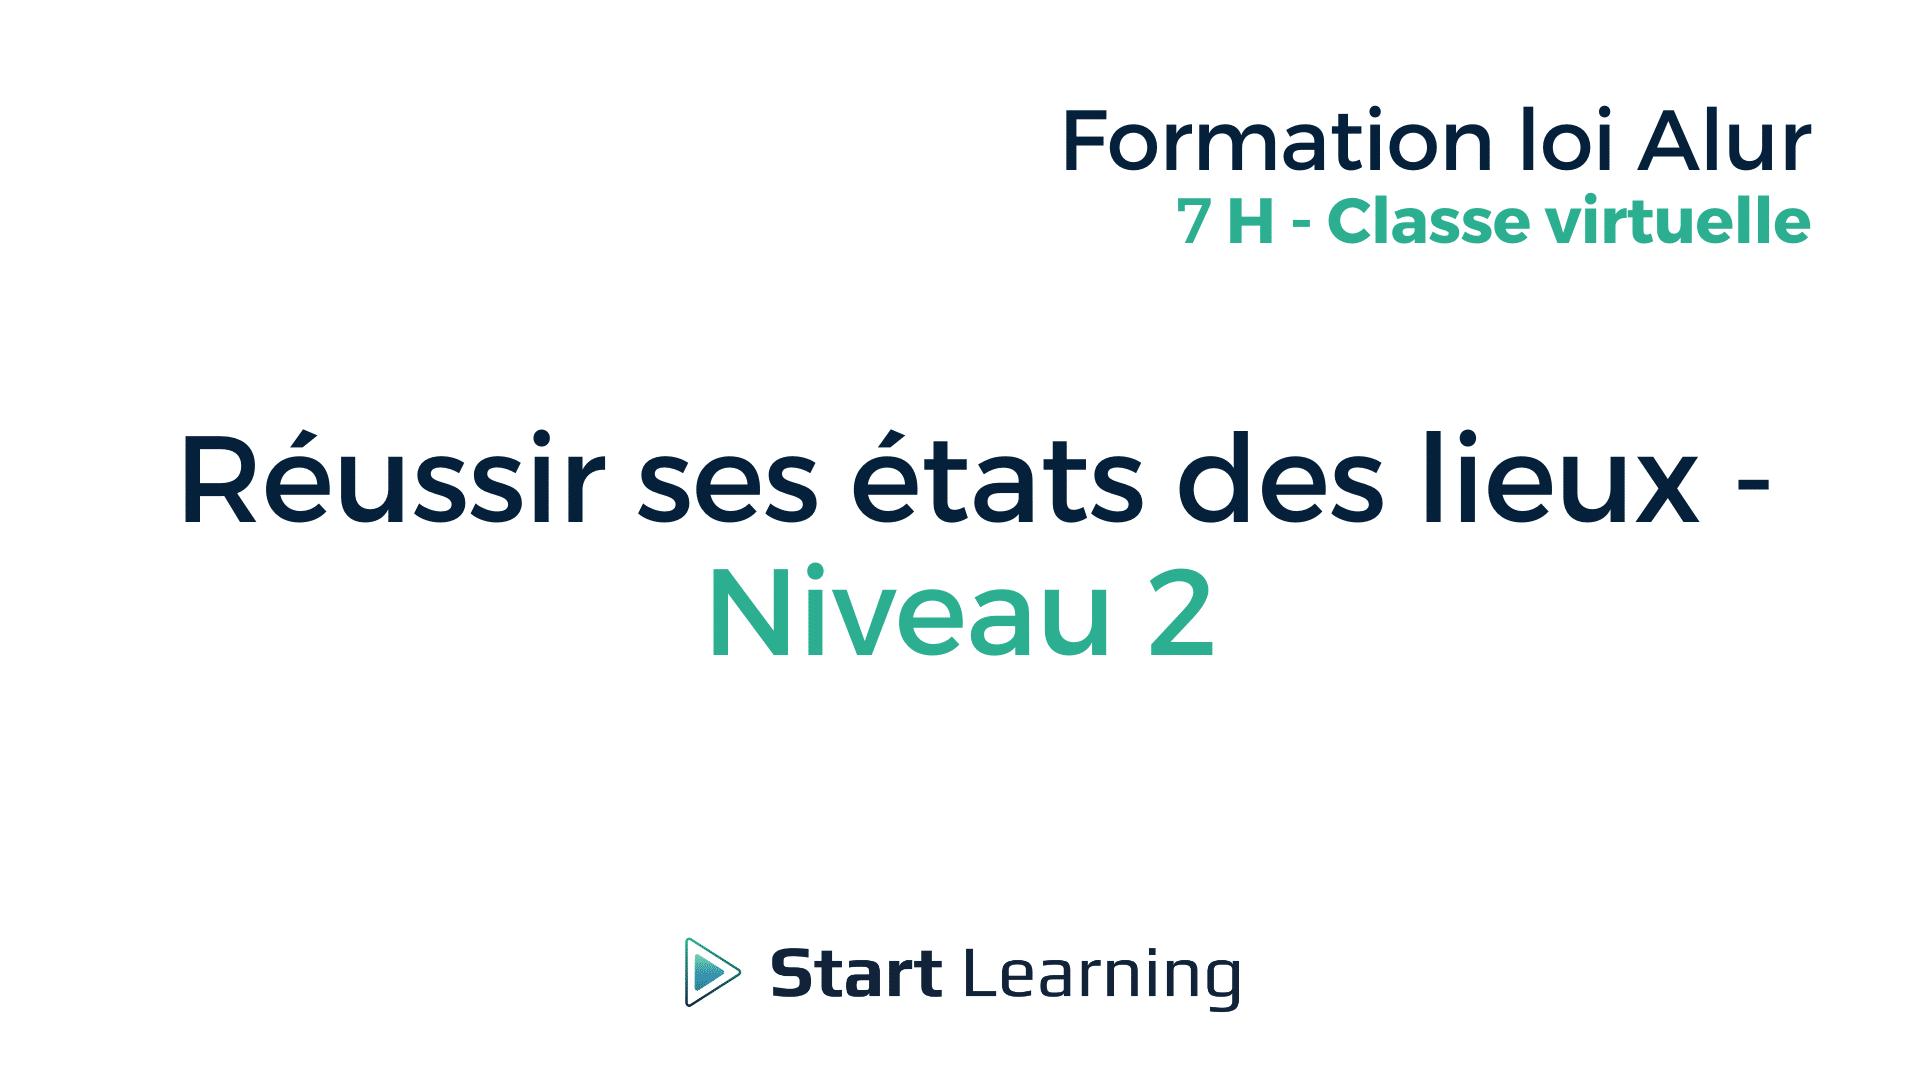 Formation loi Alur en classe virtuelle - Réussir ses états des lieux - Niveau 2